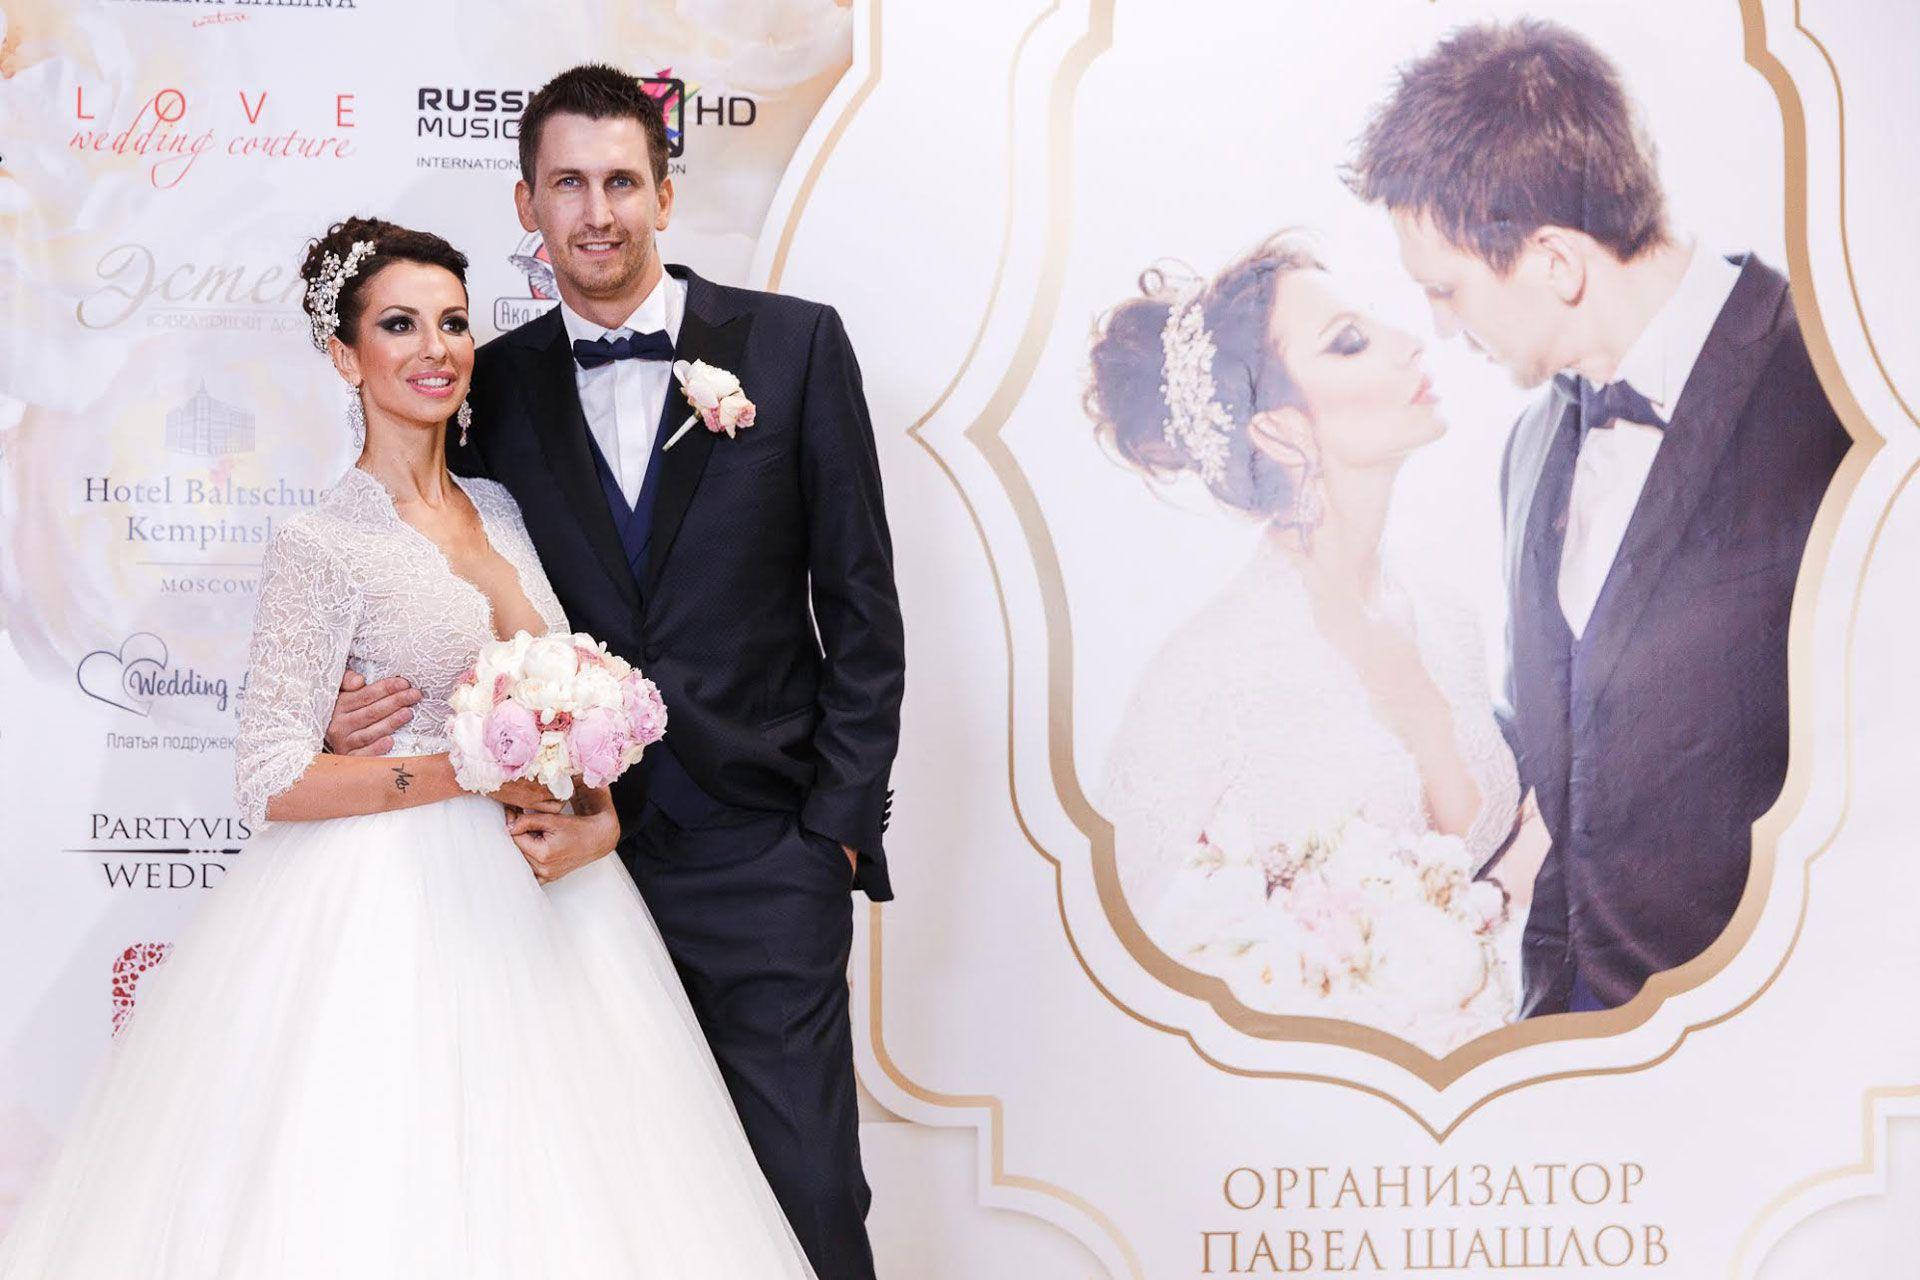 Пионовая свадьба. Свадьба Анны Грачевской и Артема Кузякина фото 40